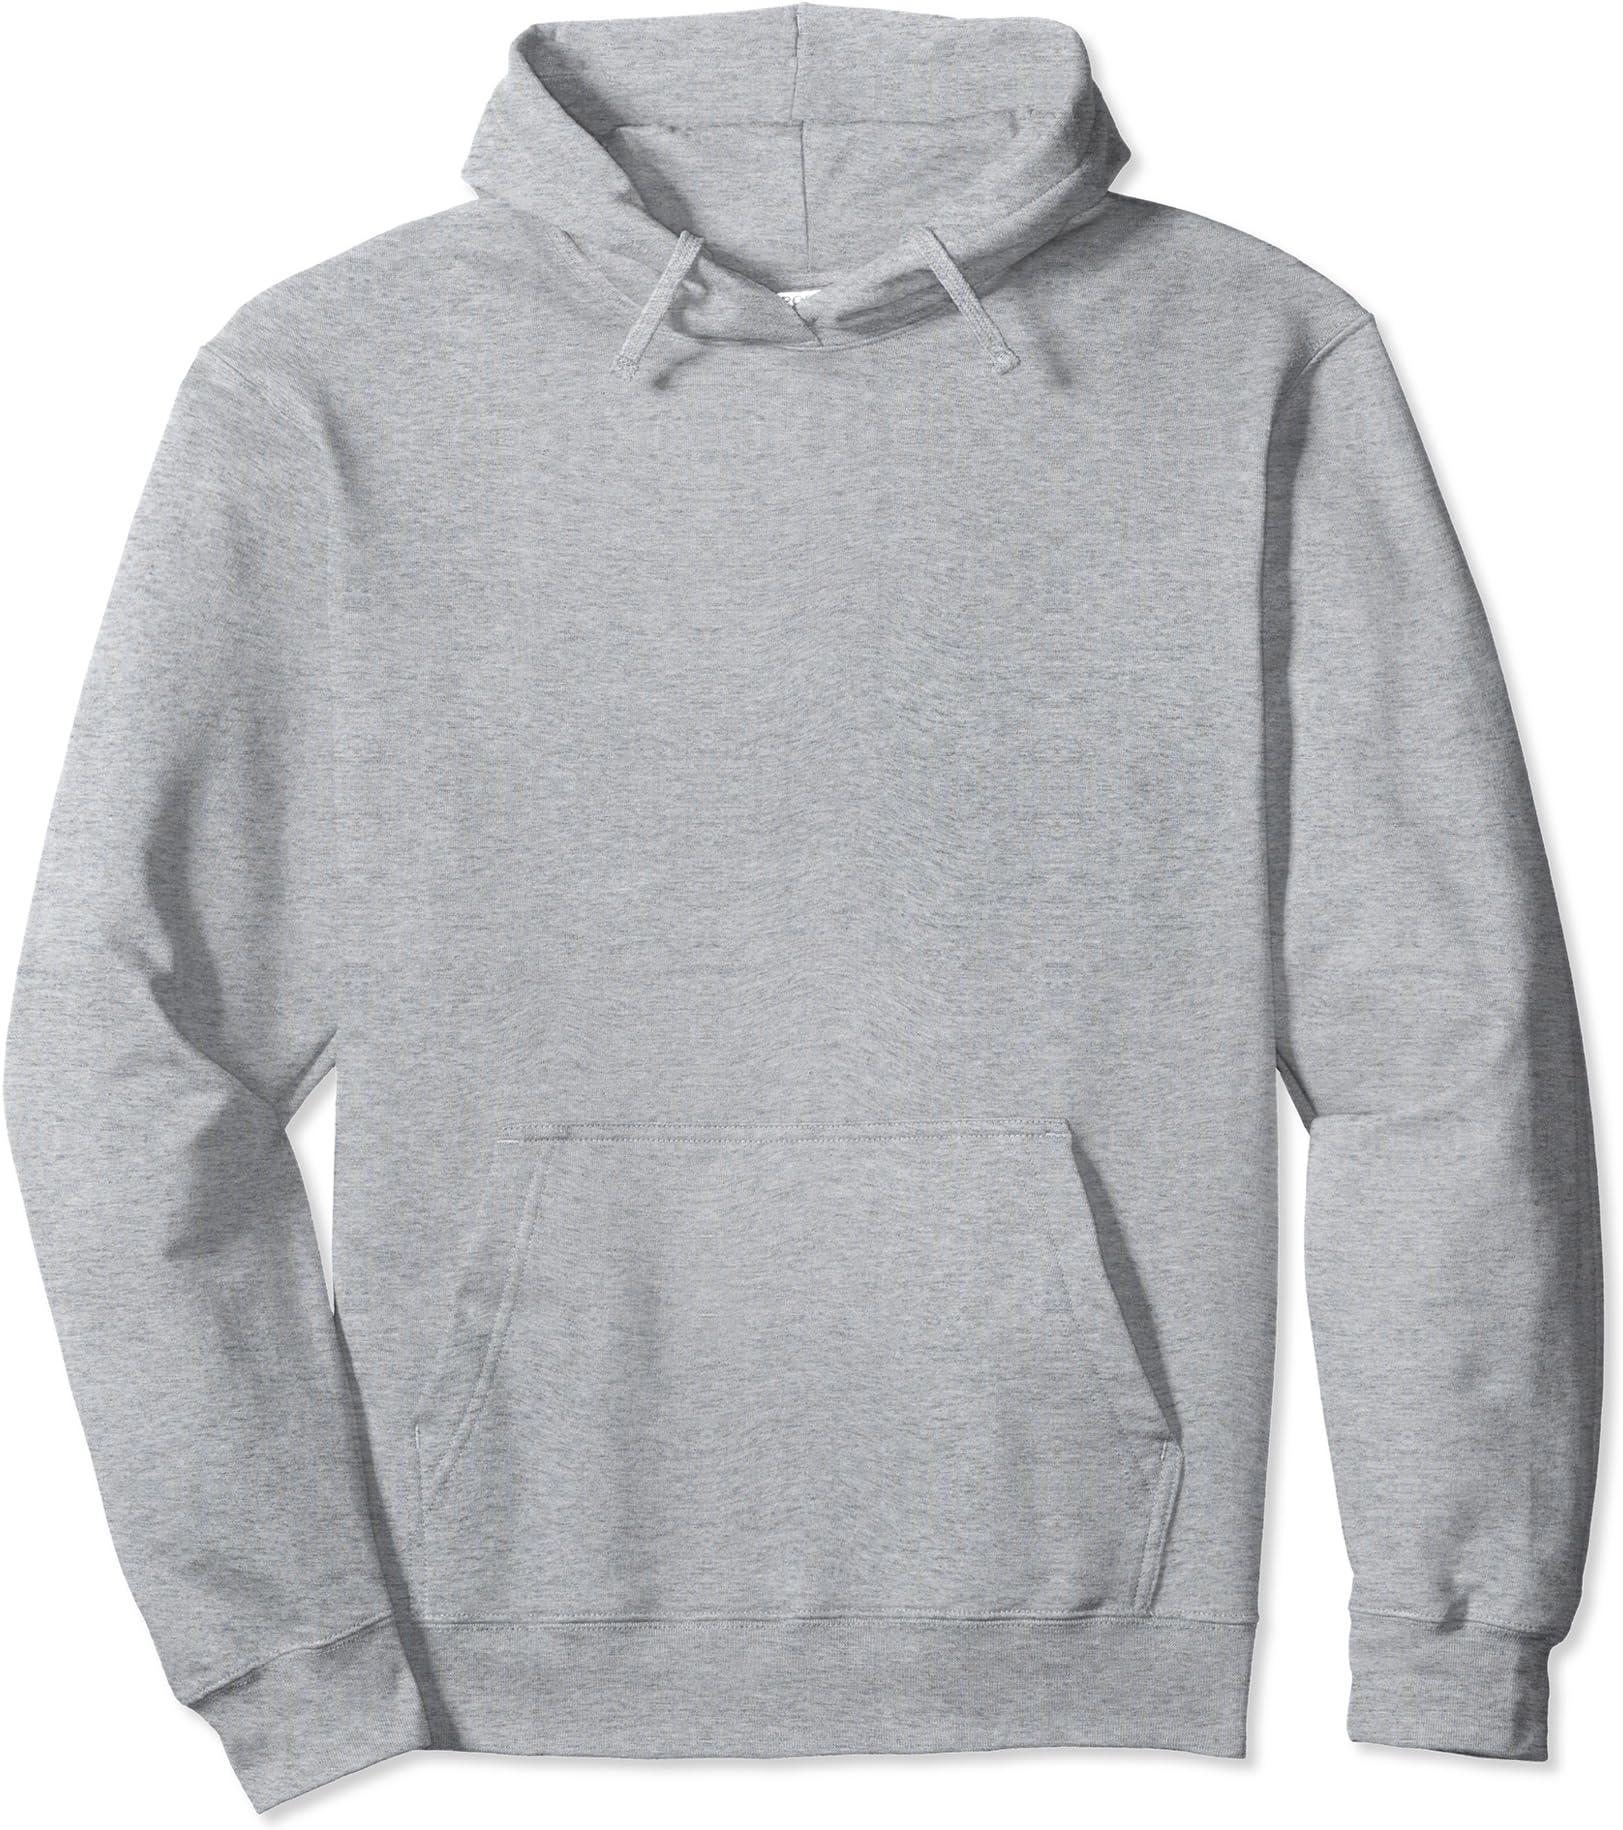 Ripple Junction Naruto Shippuden Adult Unisex Kakashi Tall Logo Fleece Crew Sweatshirt